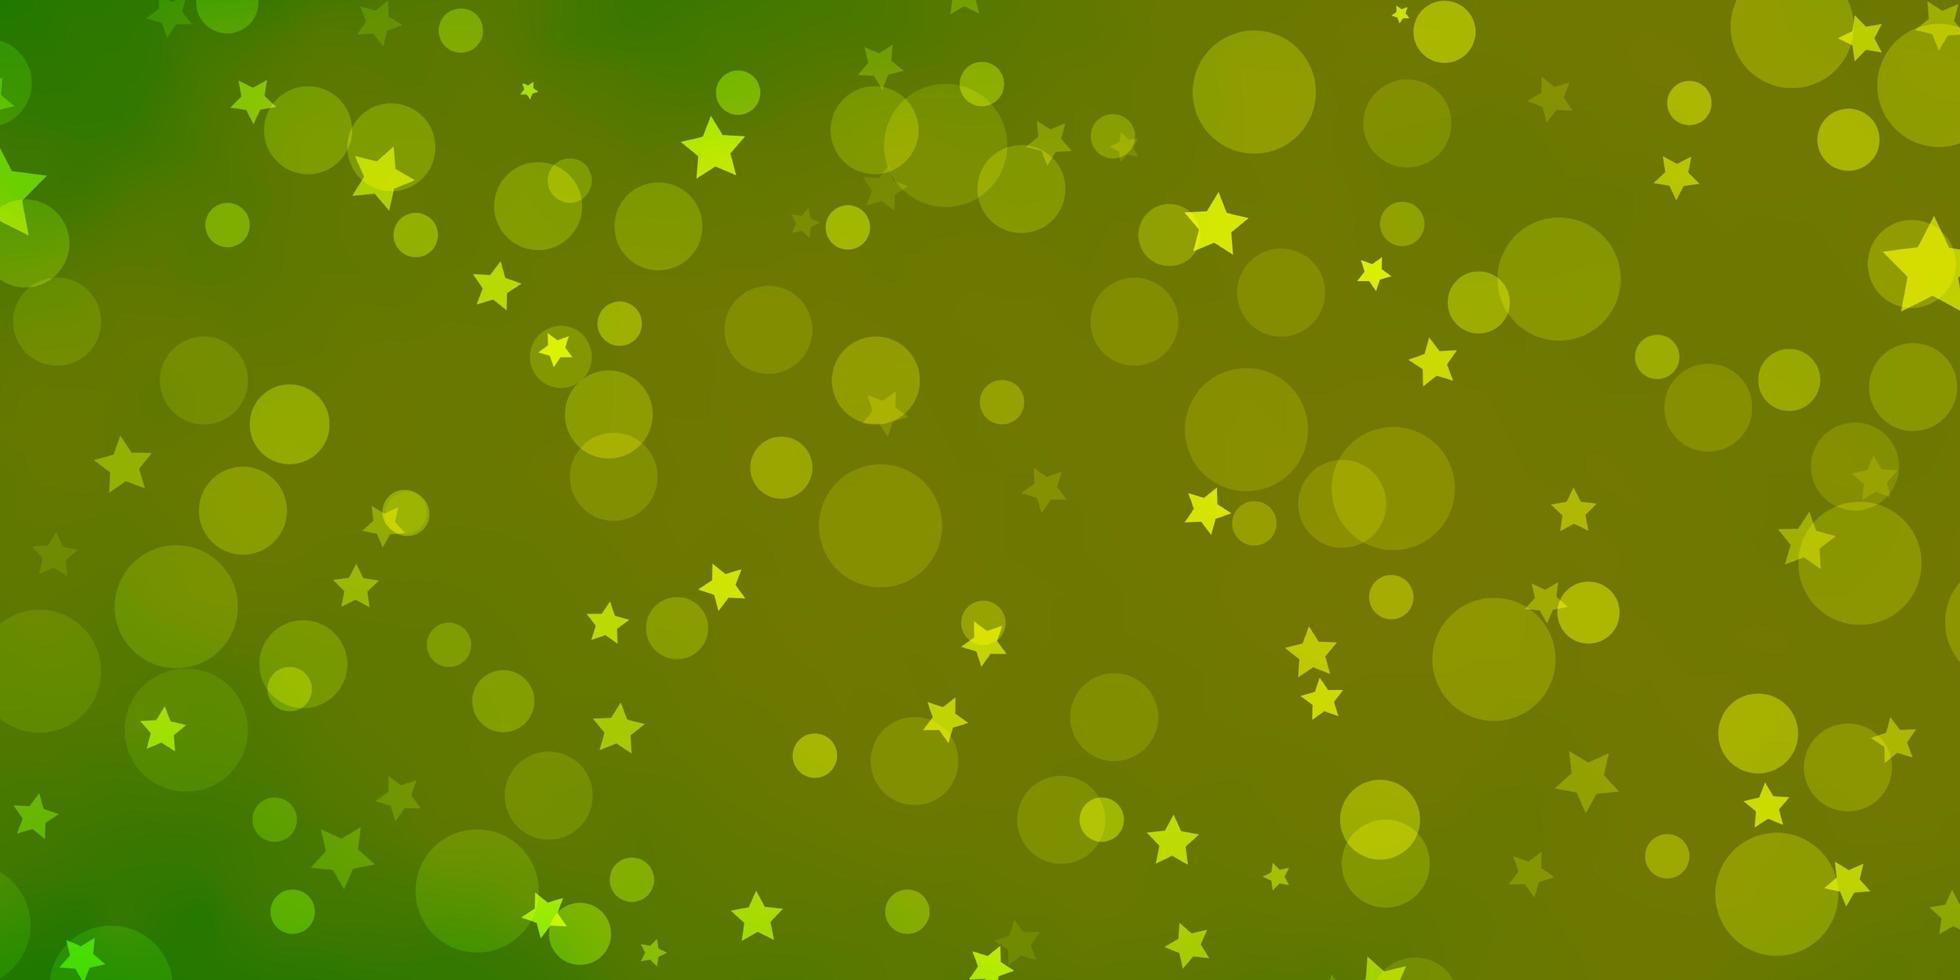 ljusgrön, gul vektorstruktur med cirklar, stjärnor. vektor